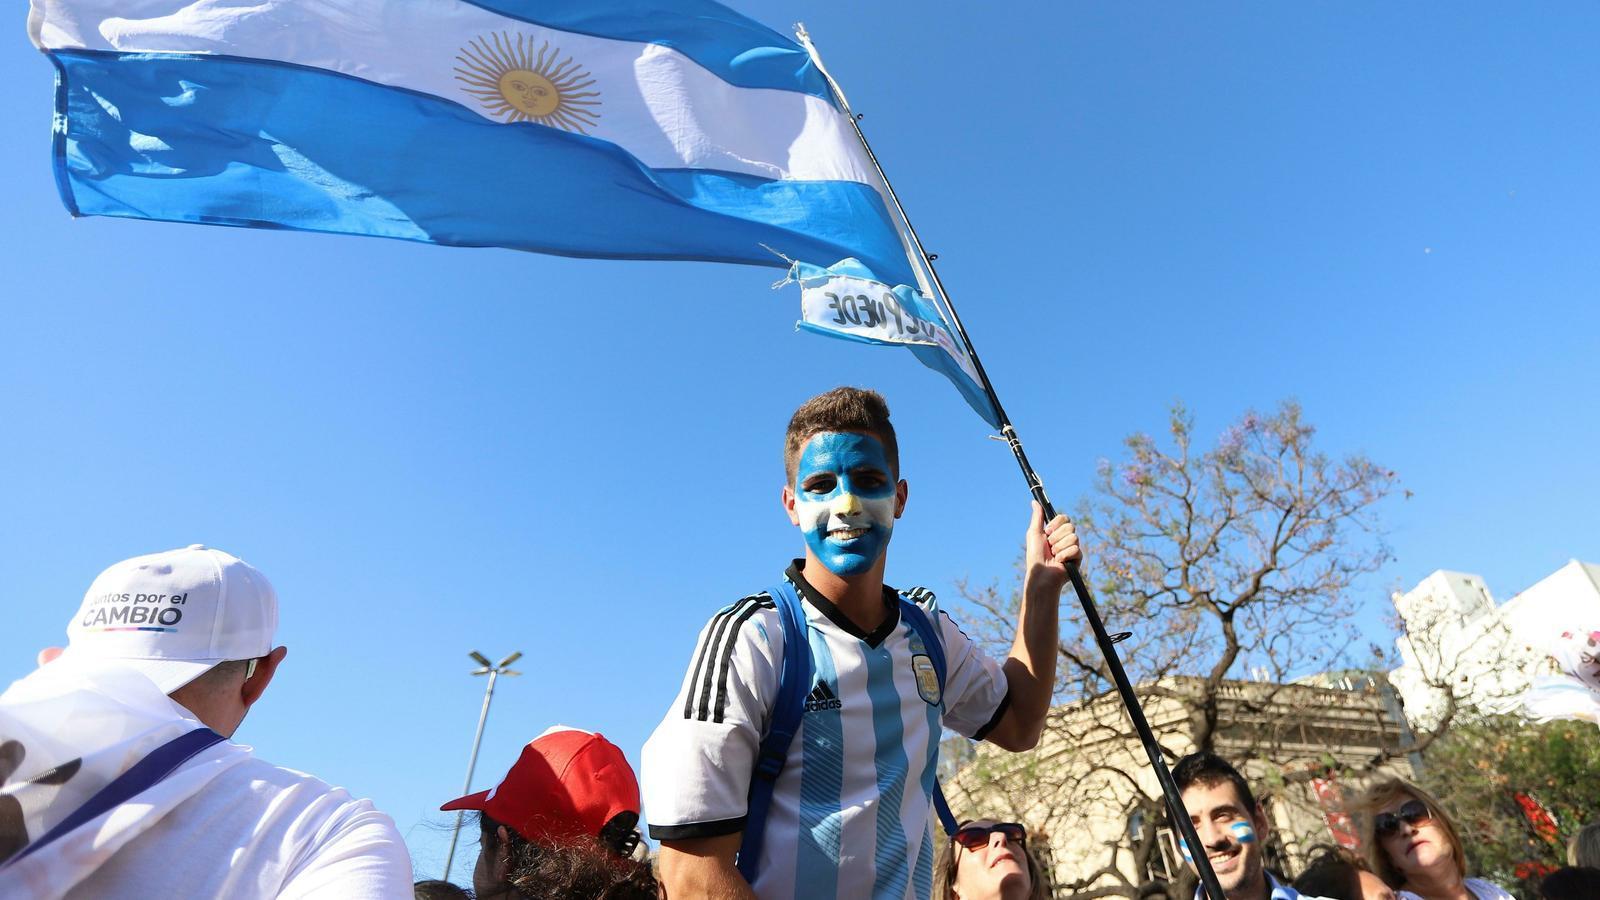 L'Argentina vota sota la pitjor crisi econòmica